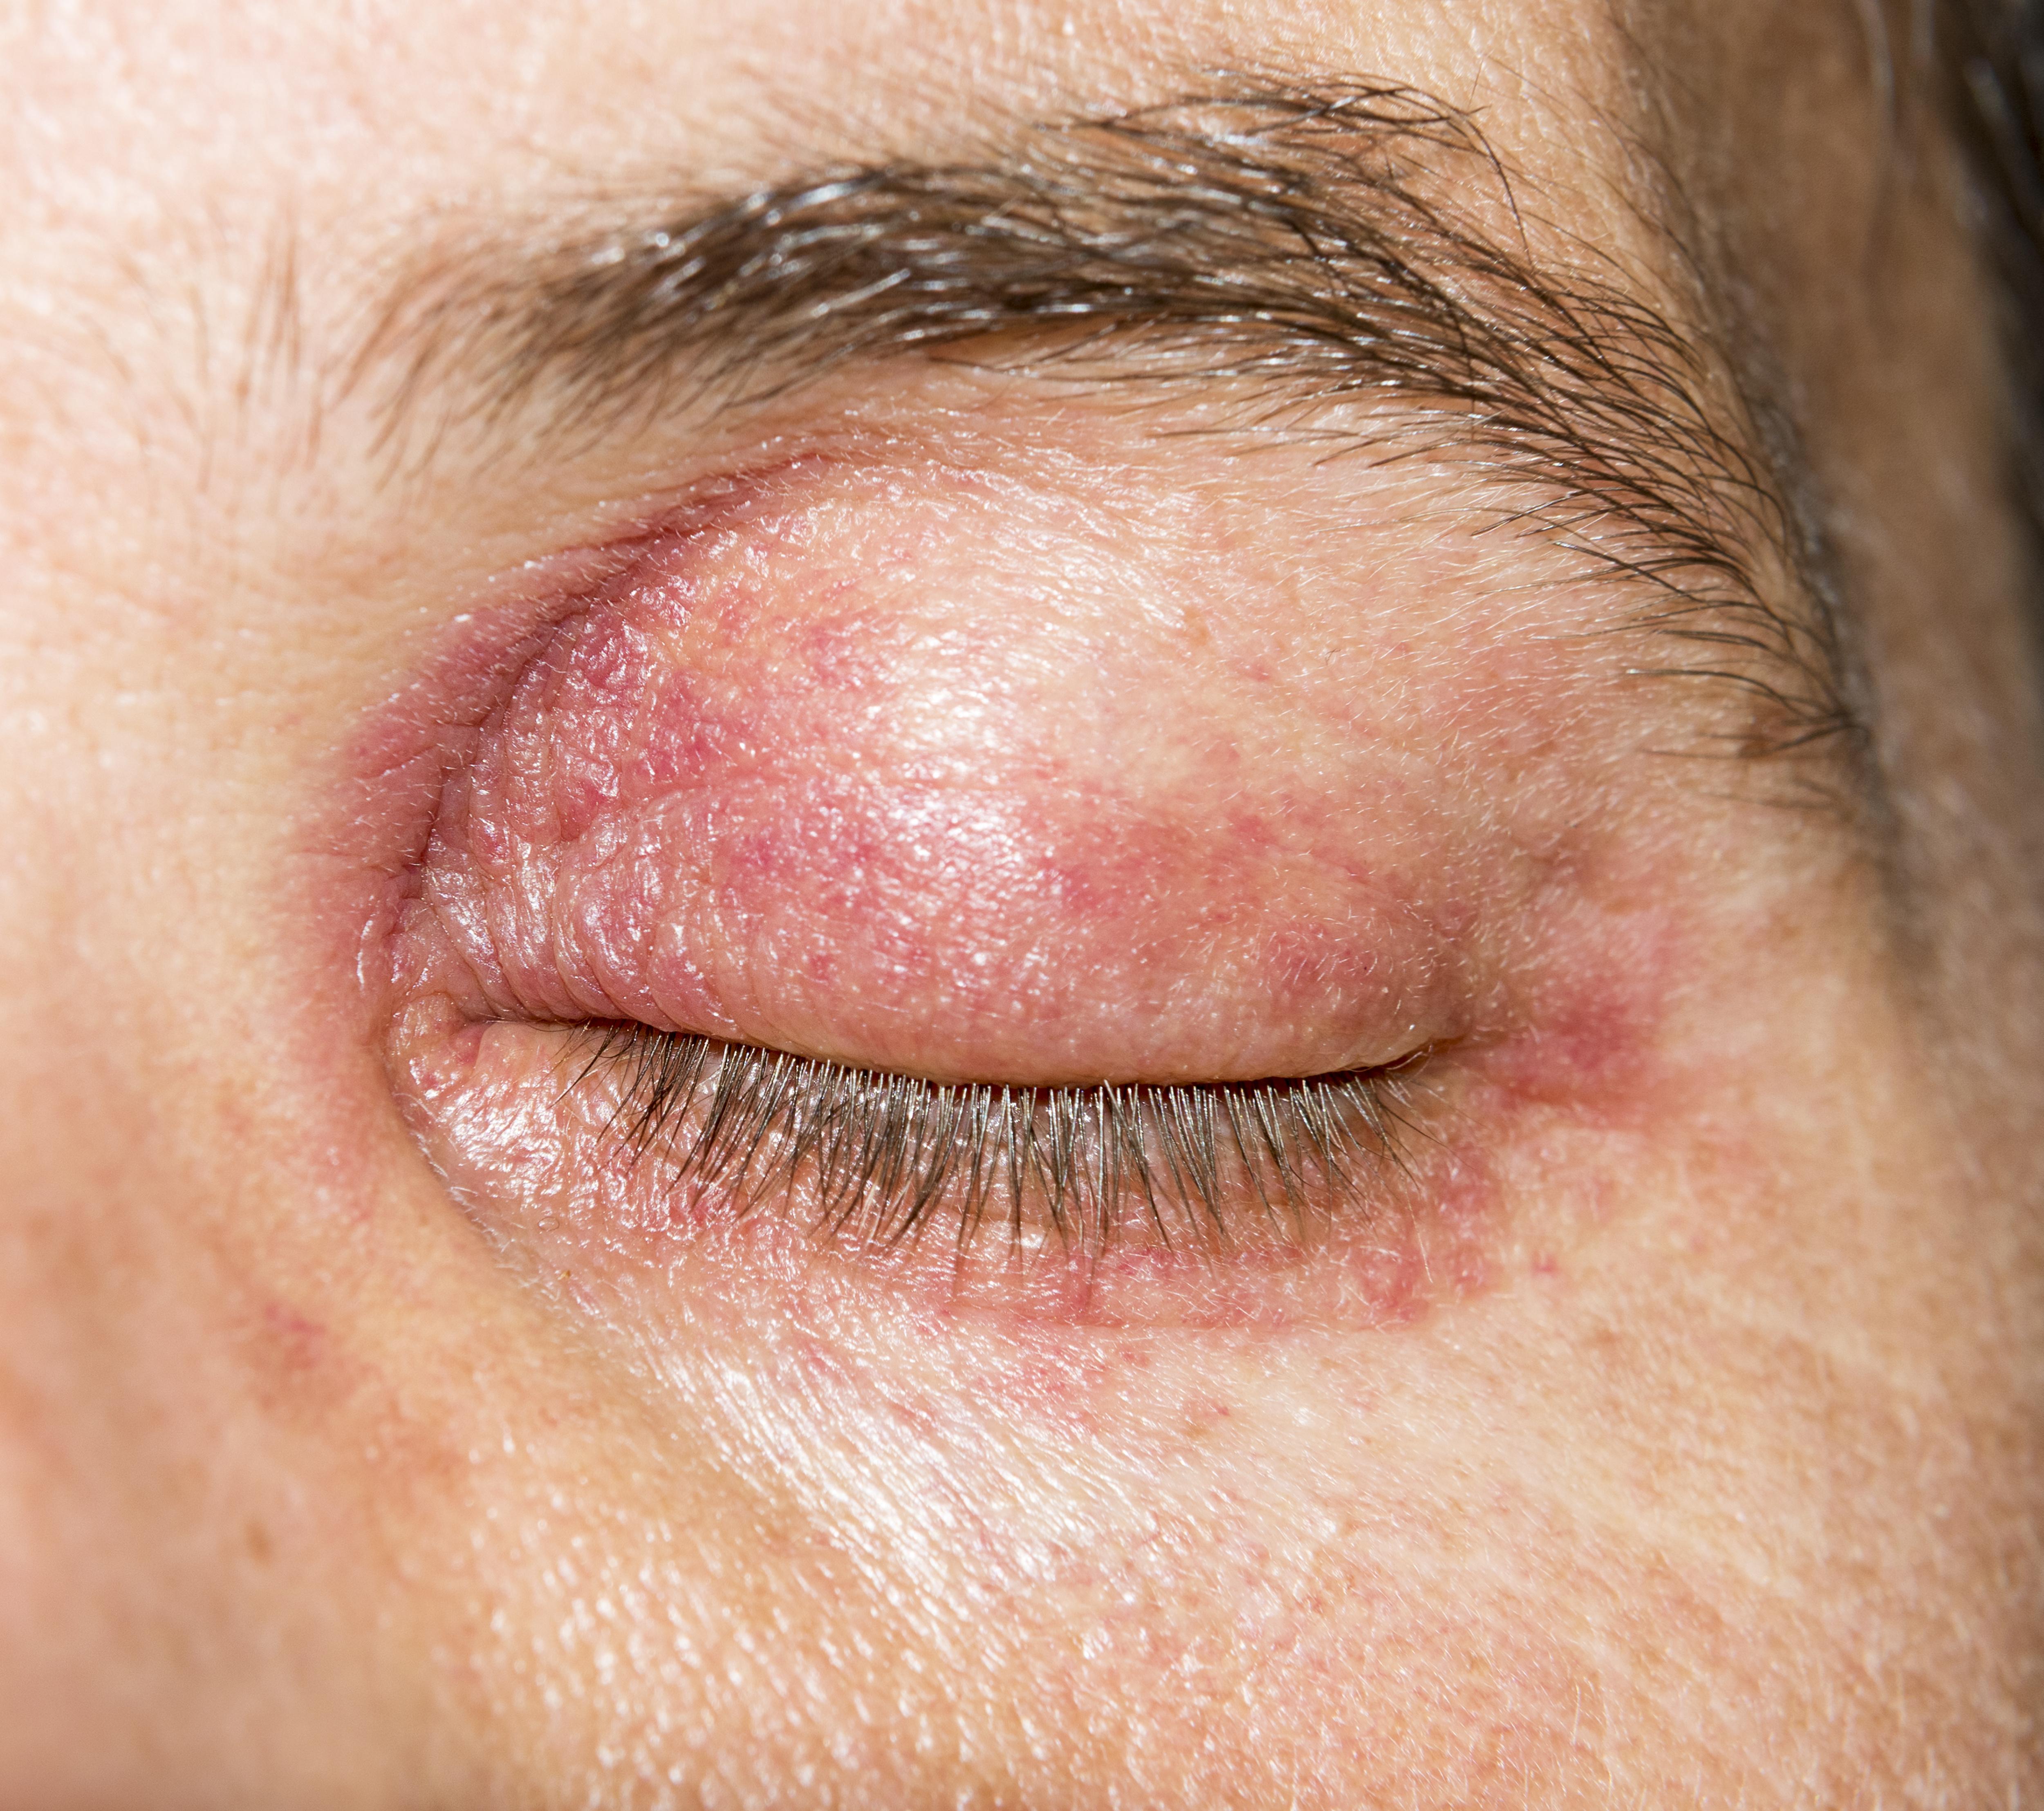 vörös ovális folt az arcon